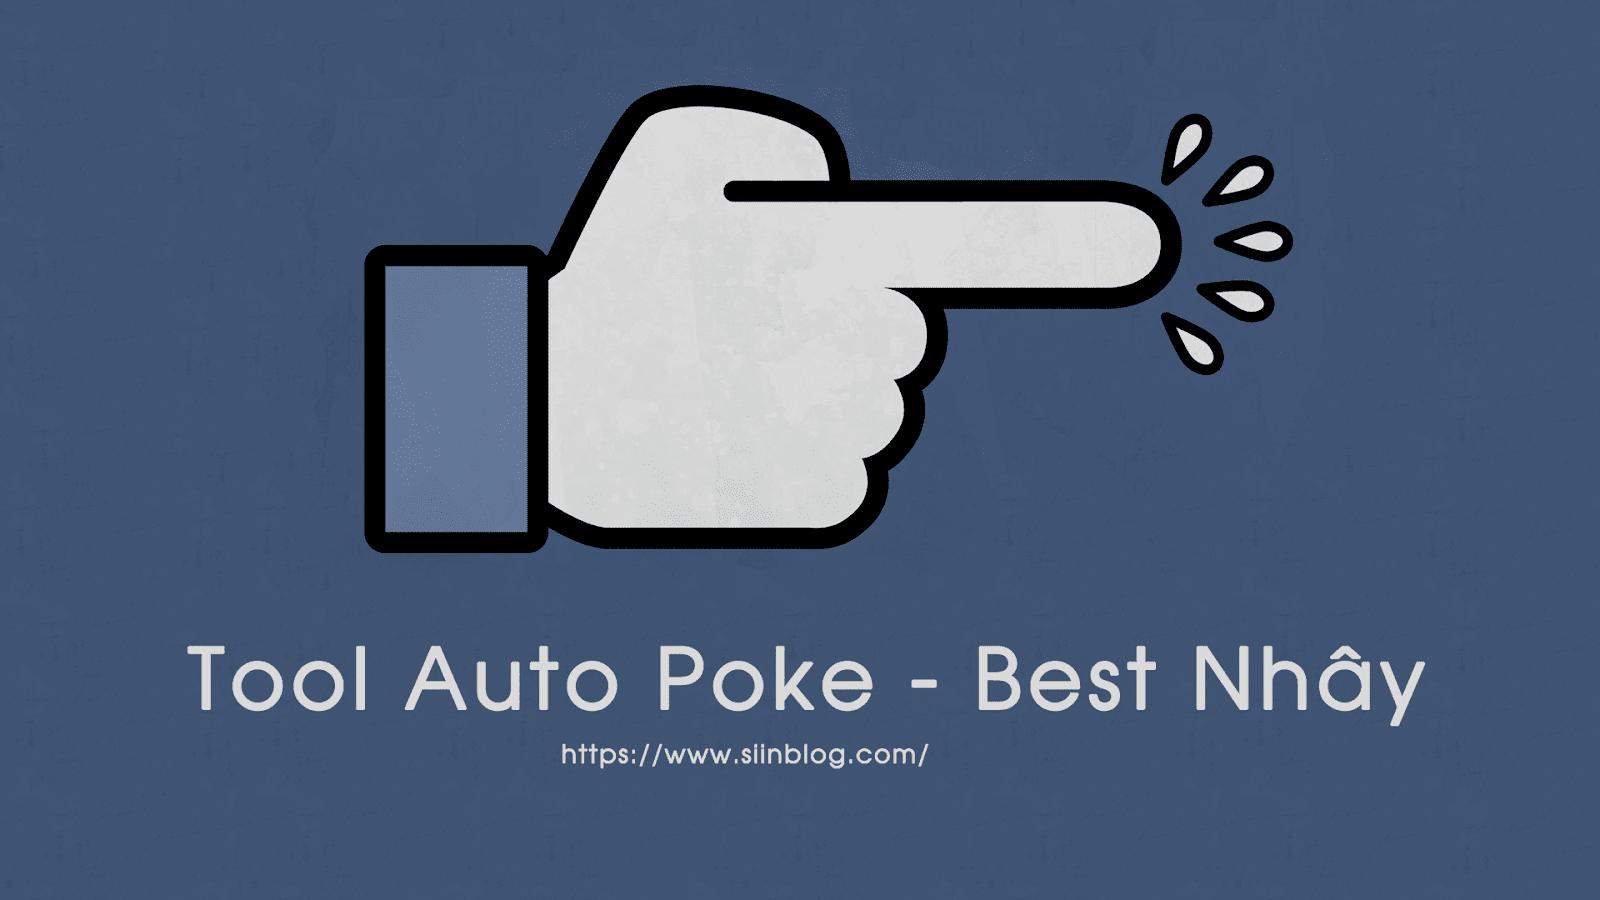 Poke Tool - Tool Chọc Bạn Bè Best Nhây Bằng NodeJs